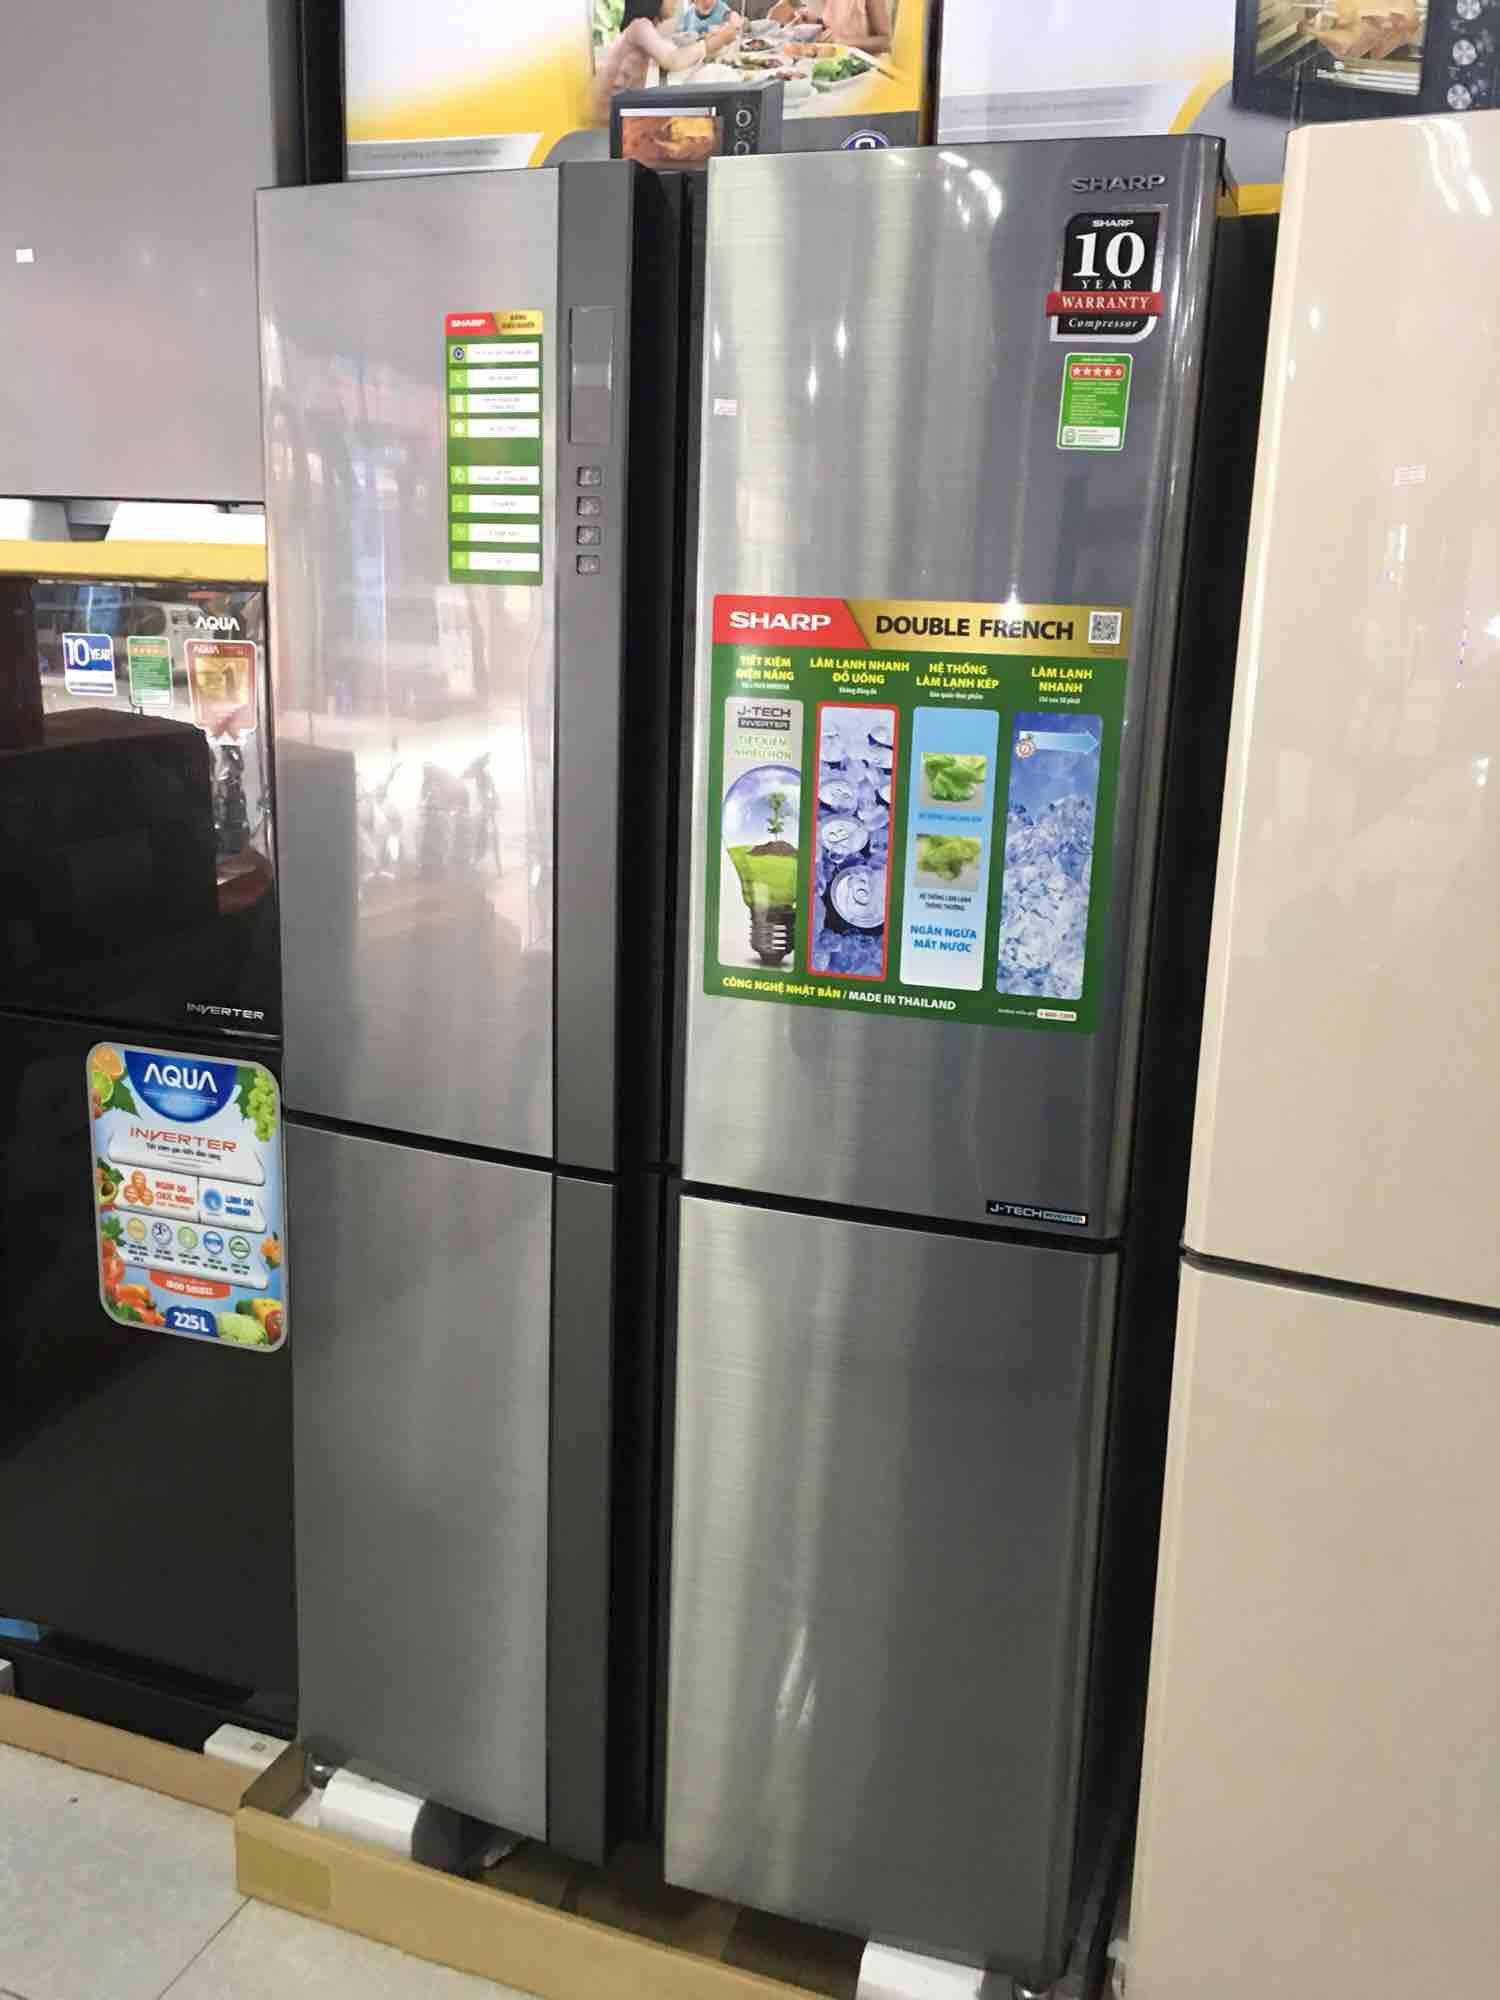 Cách sửa tủ lạnh Sharp tại nhà các lỗi thường gặp Chuyên Nghiệp